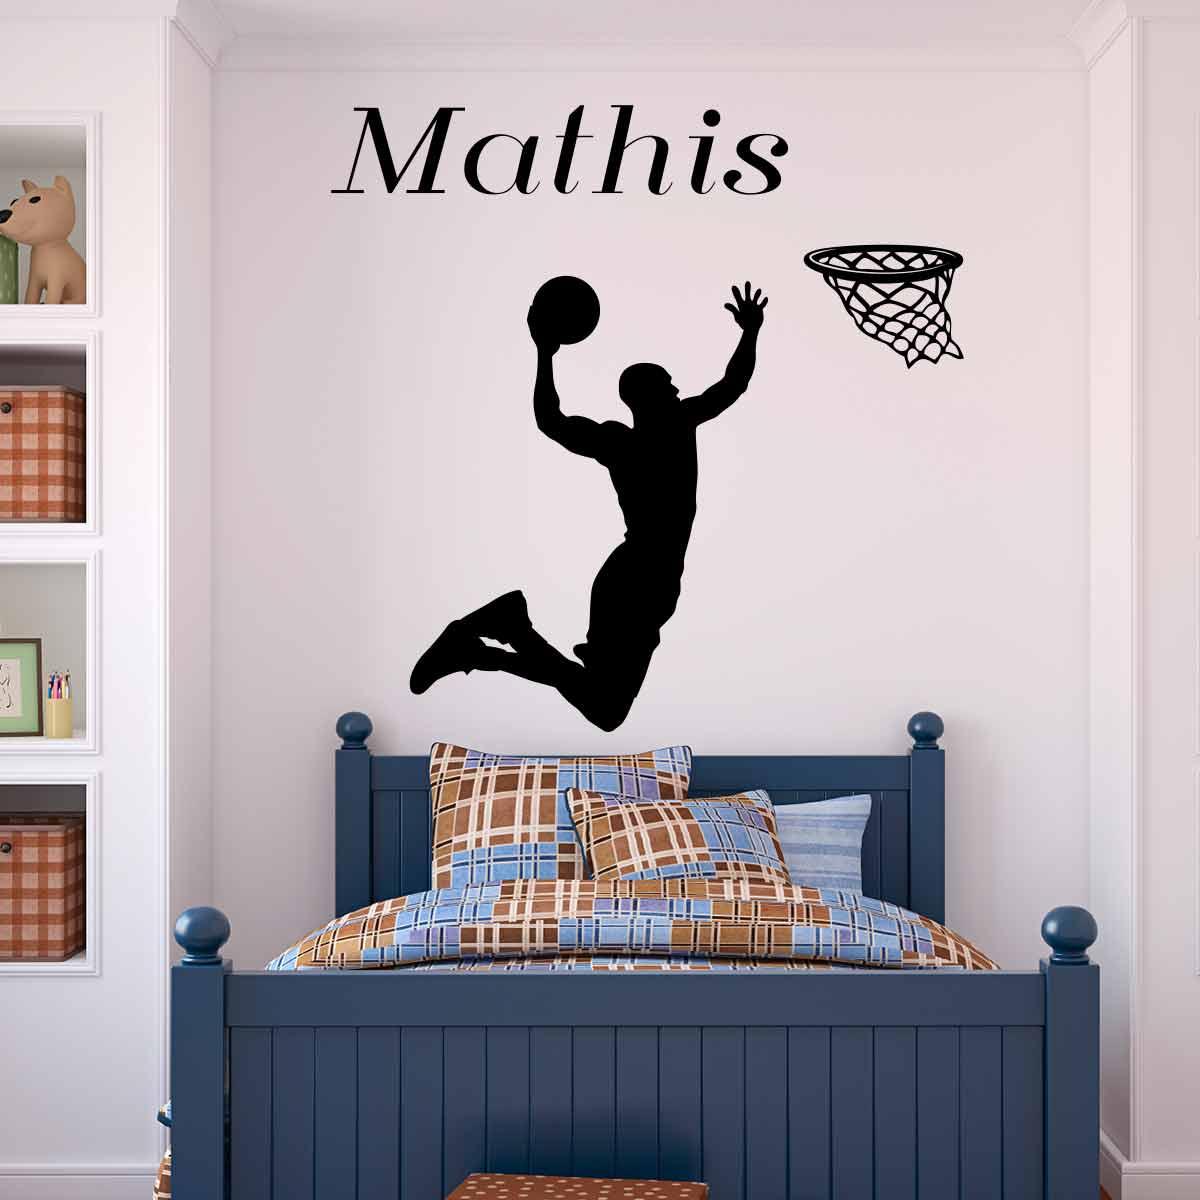 Außergewöhnlich Wandtattoo Basketball Beste Wahl Sticker-prenom-personnalise-basketteur-2-ambiance-sticker-name_si_0714.jpg